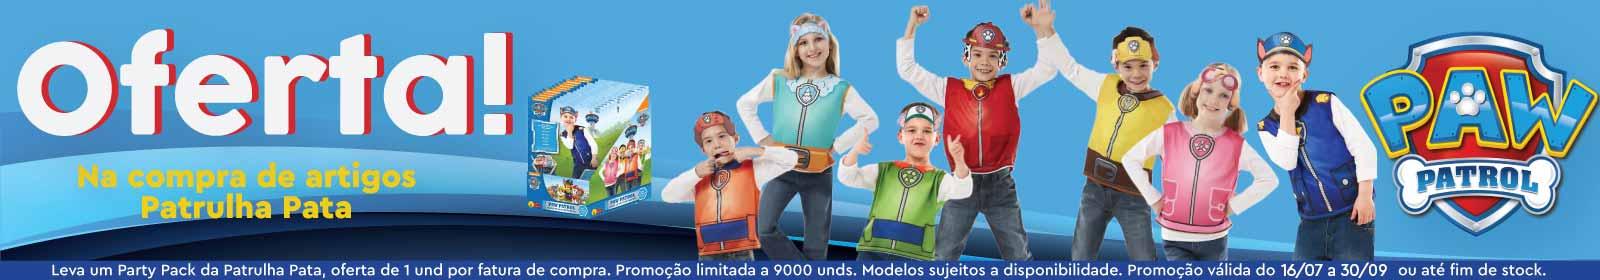 comprar Patrulha Pata online ao melhor preços